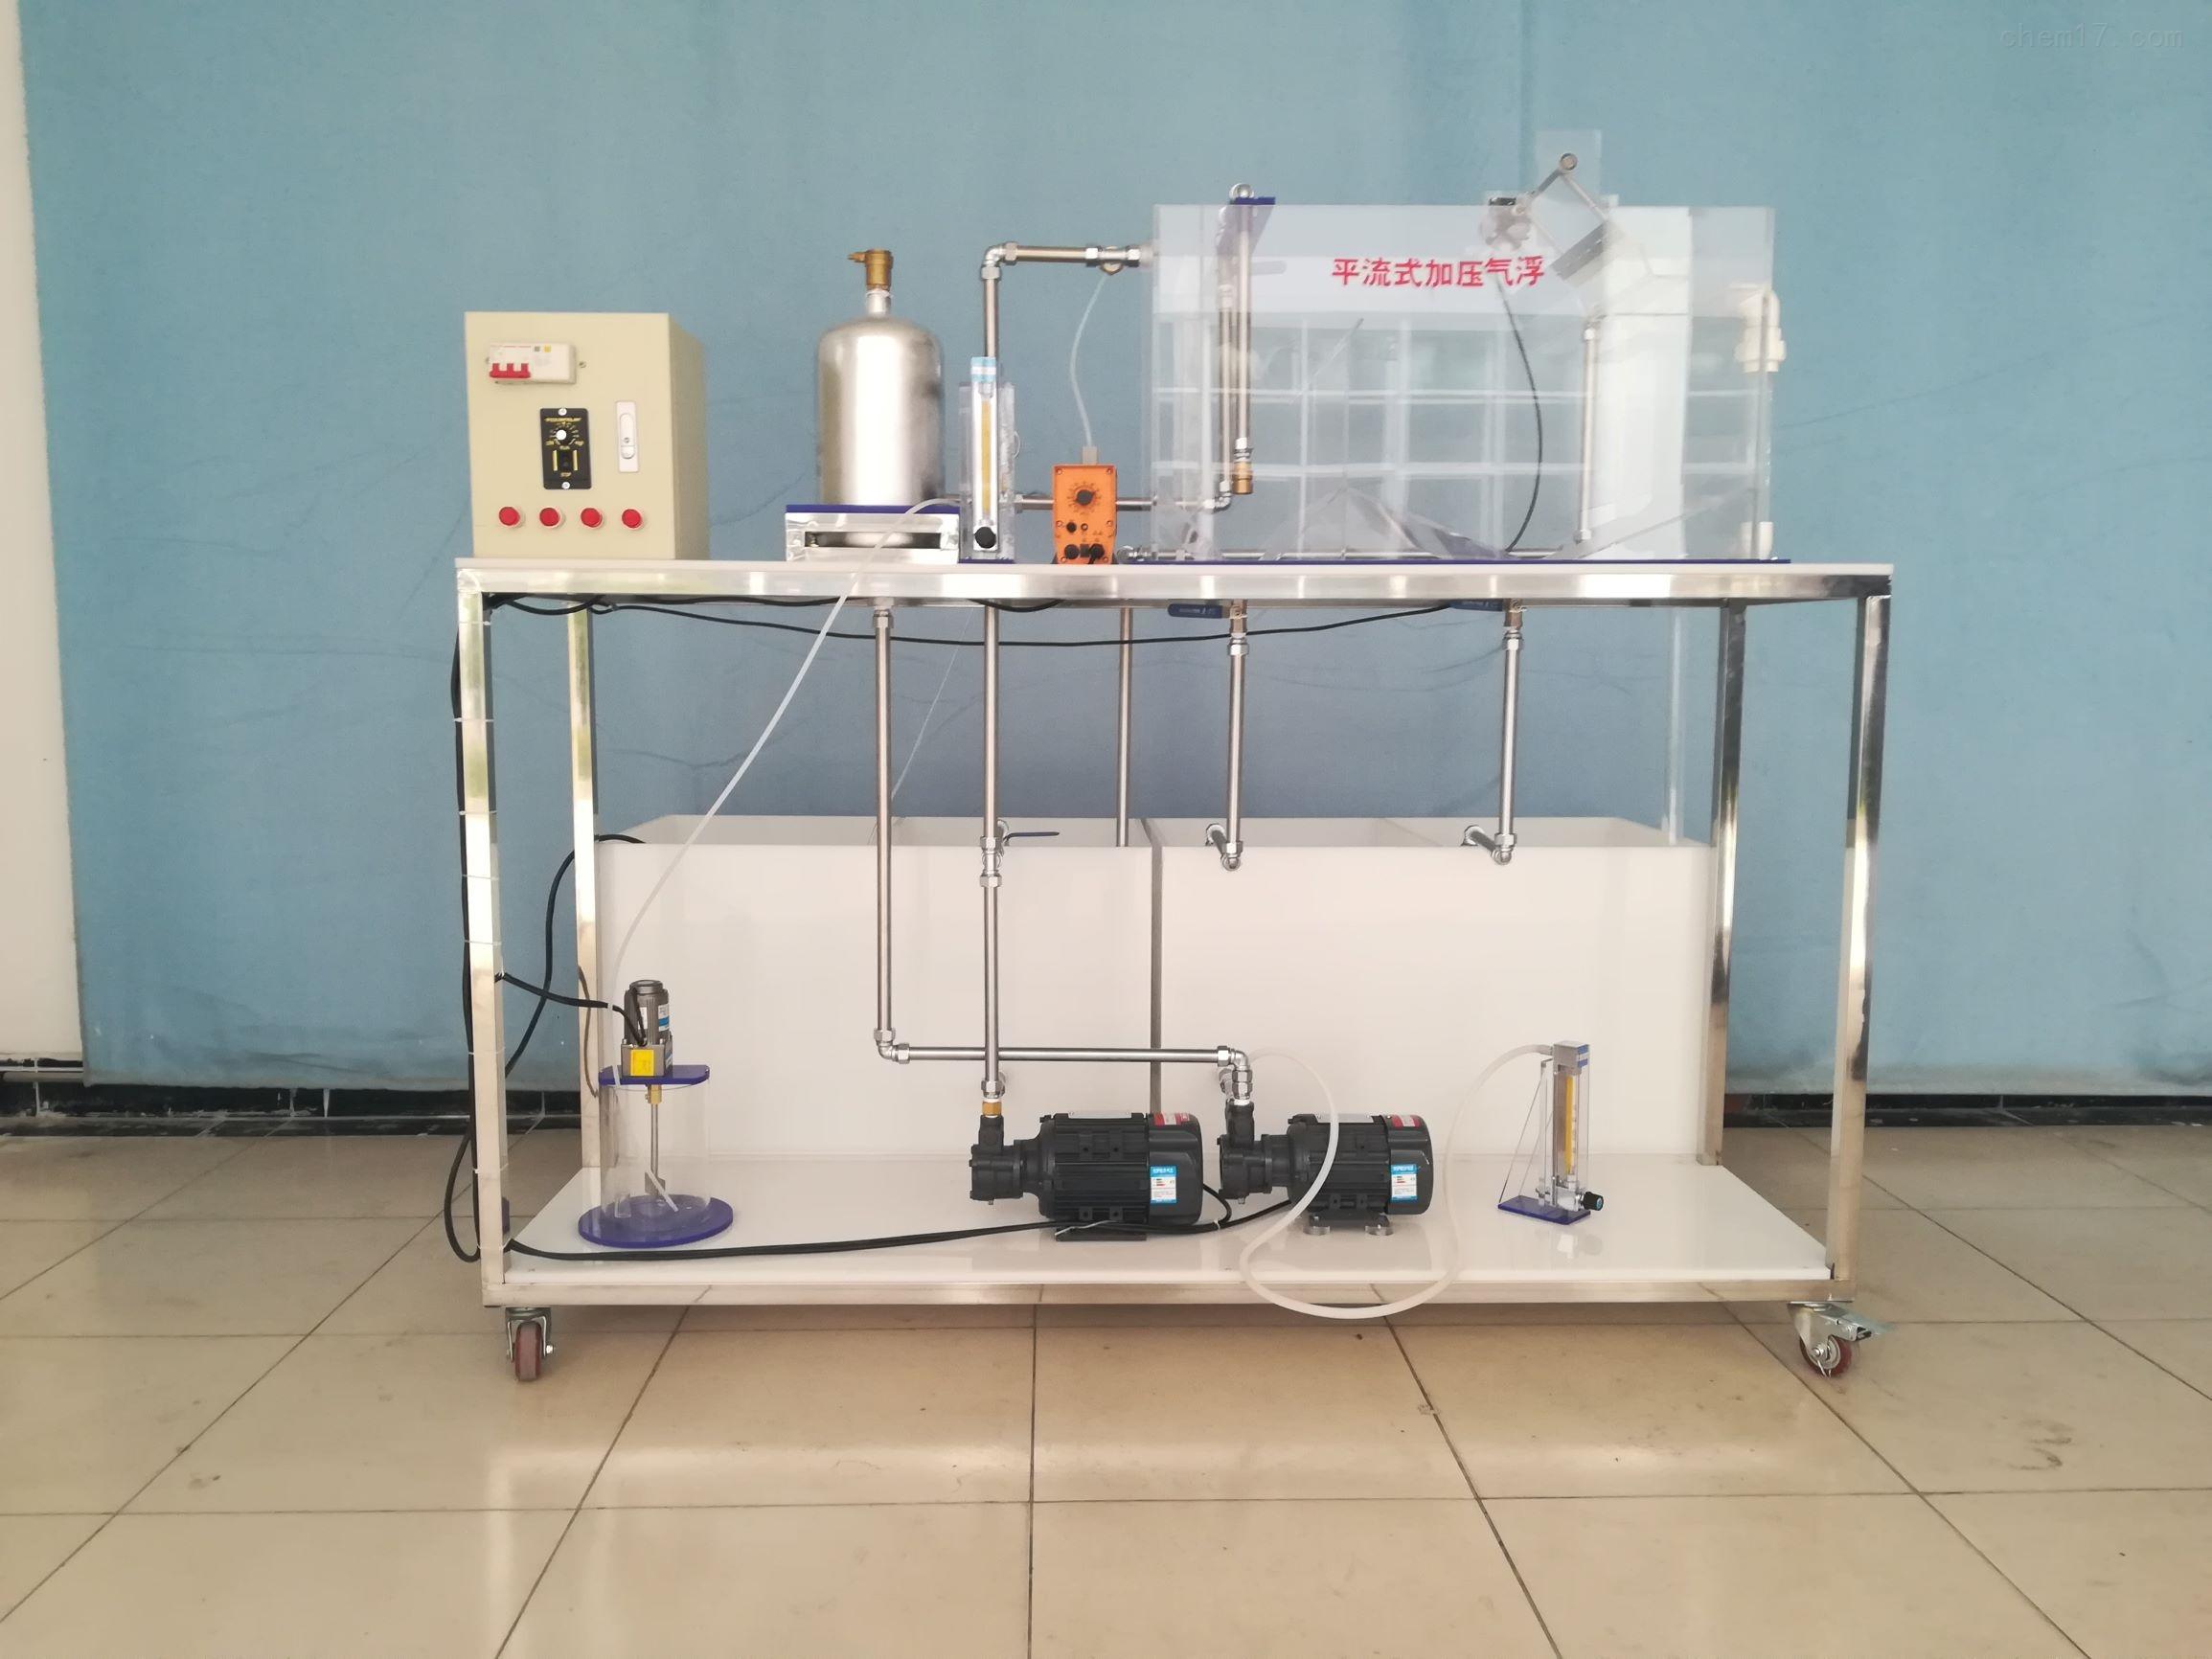 平流式溶气加压气浮实验装置